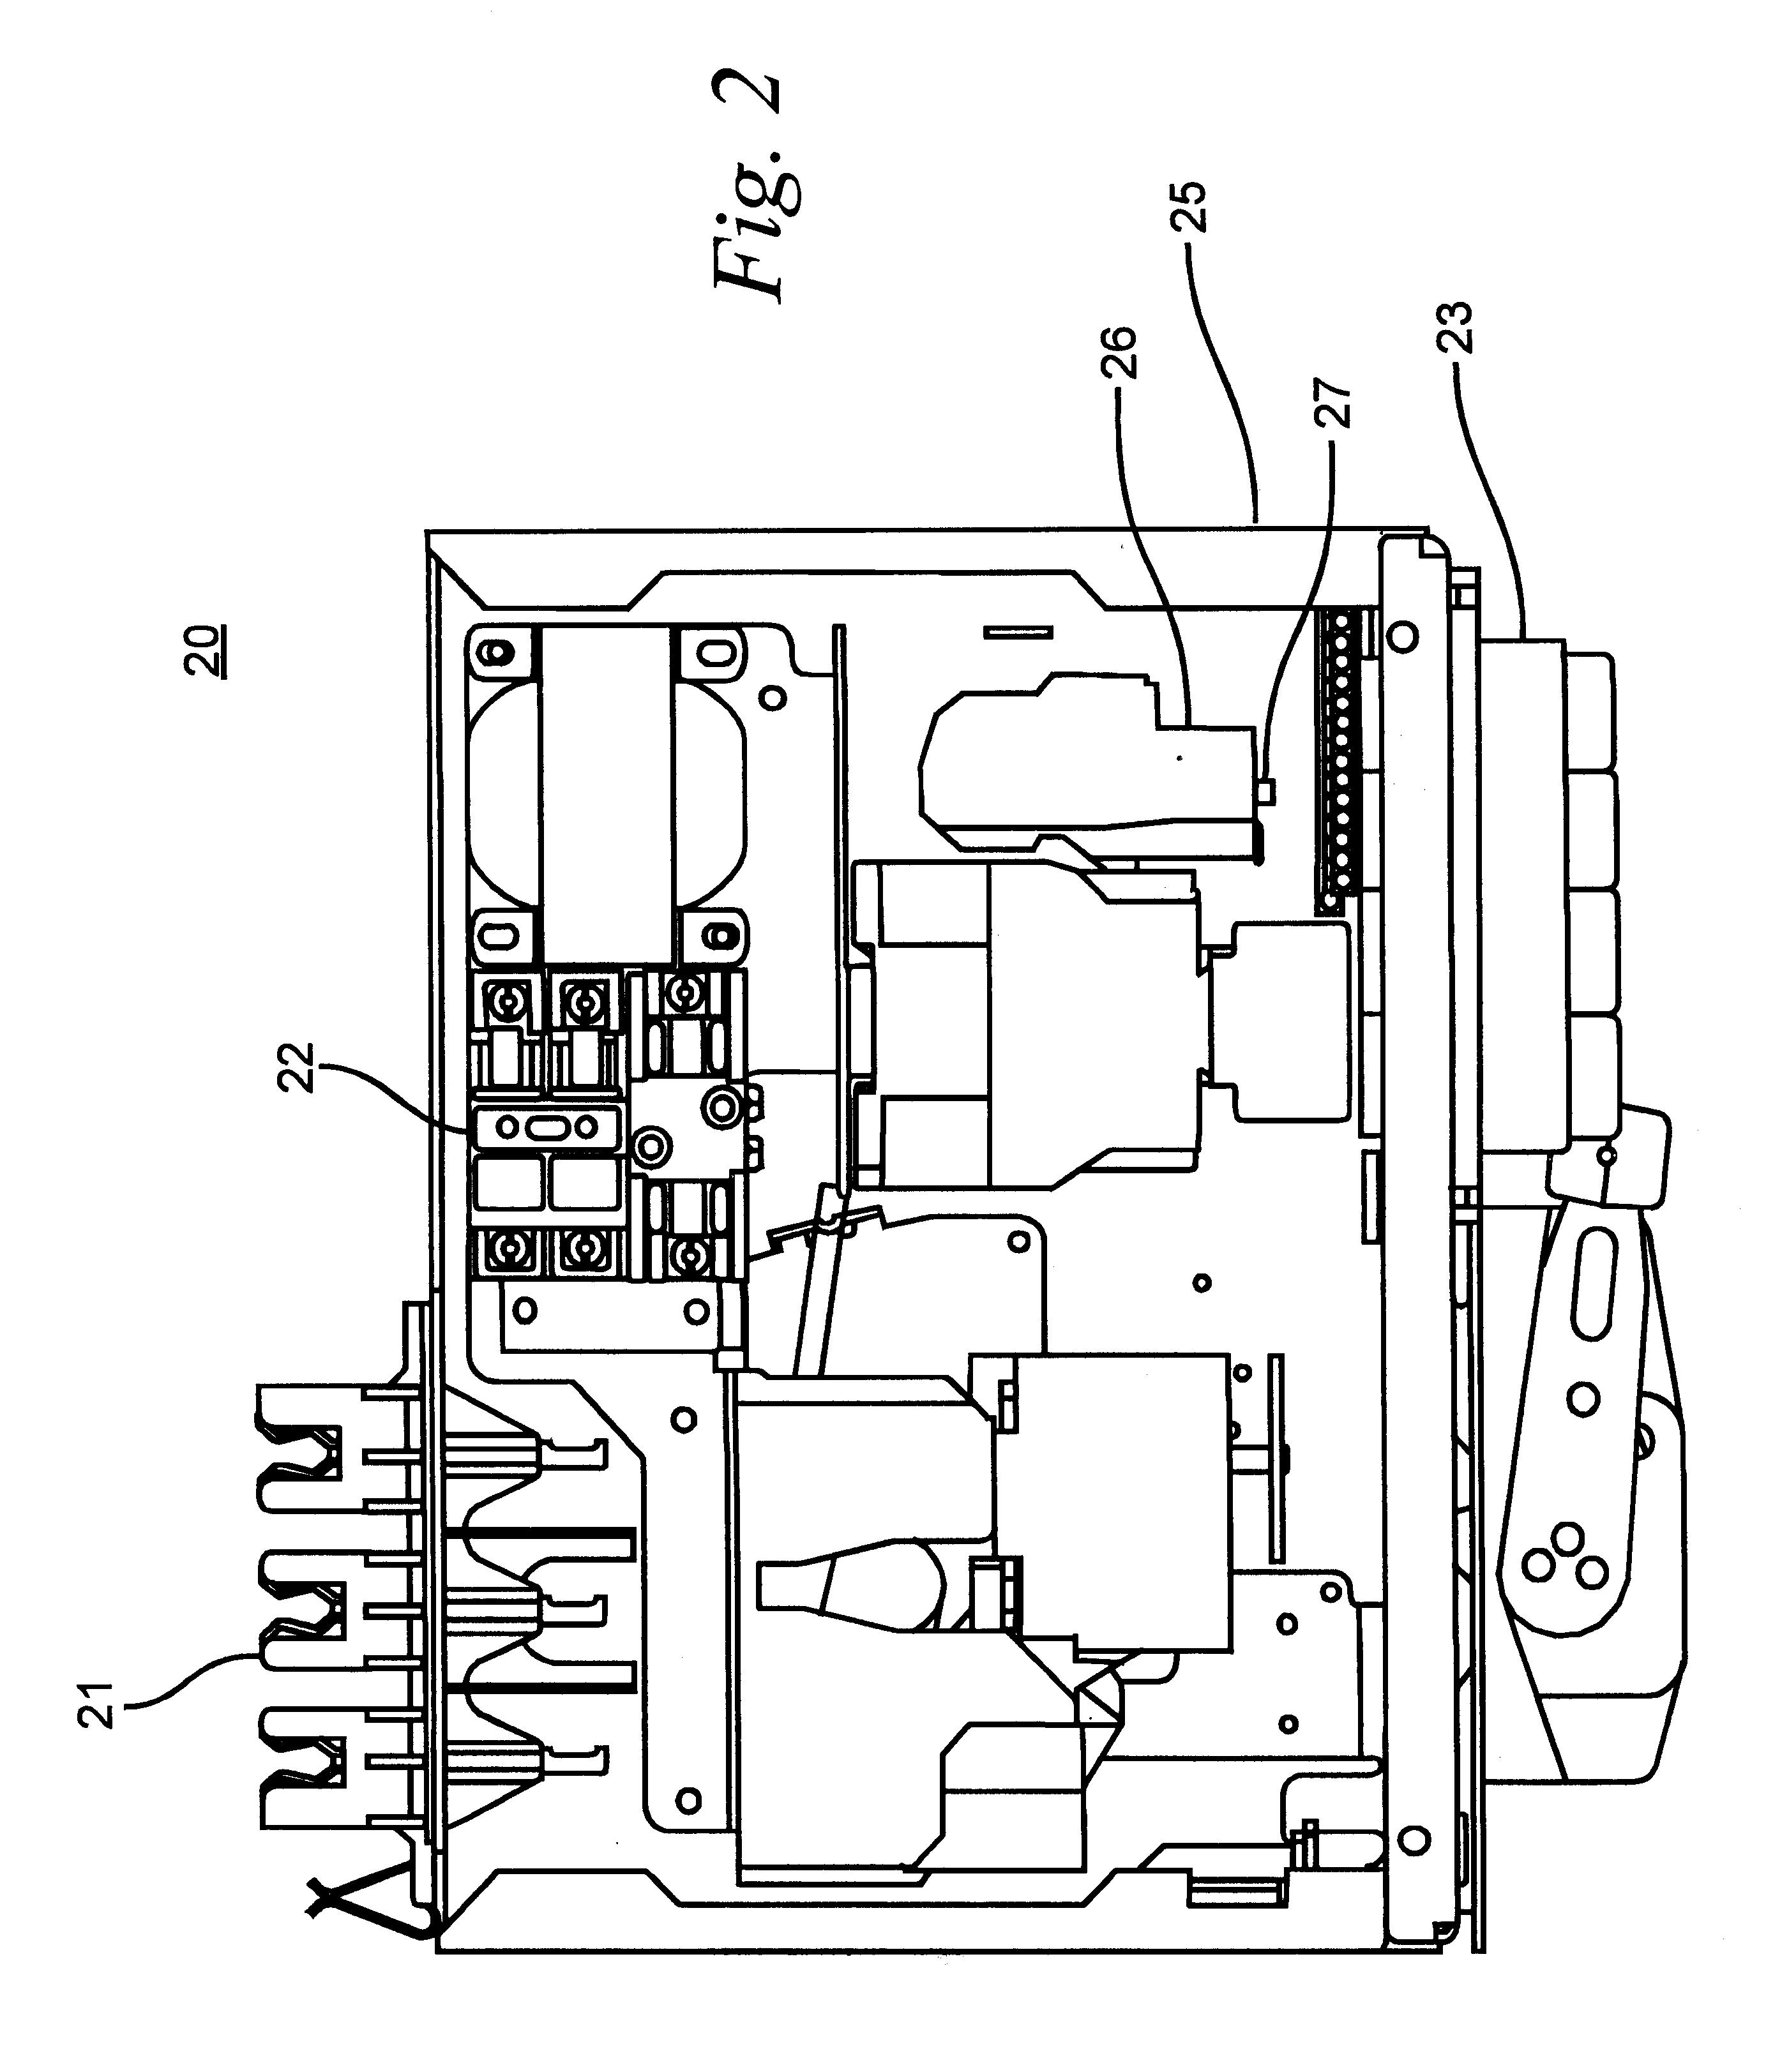 patent us6531670